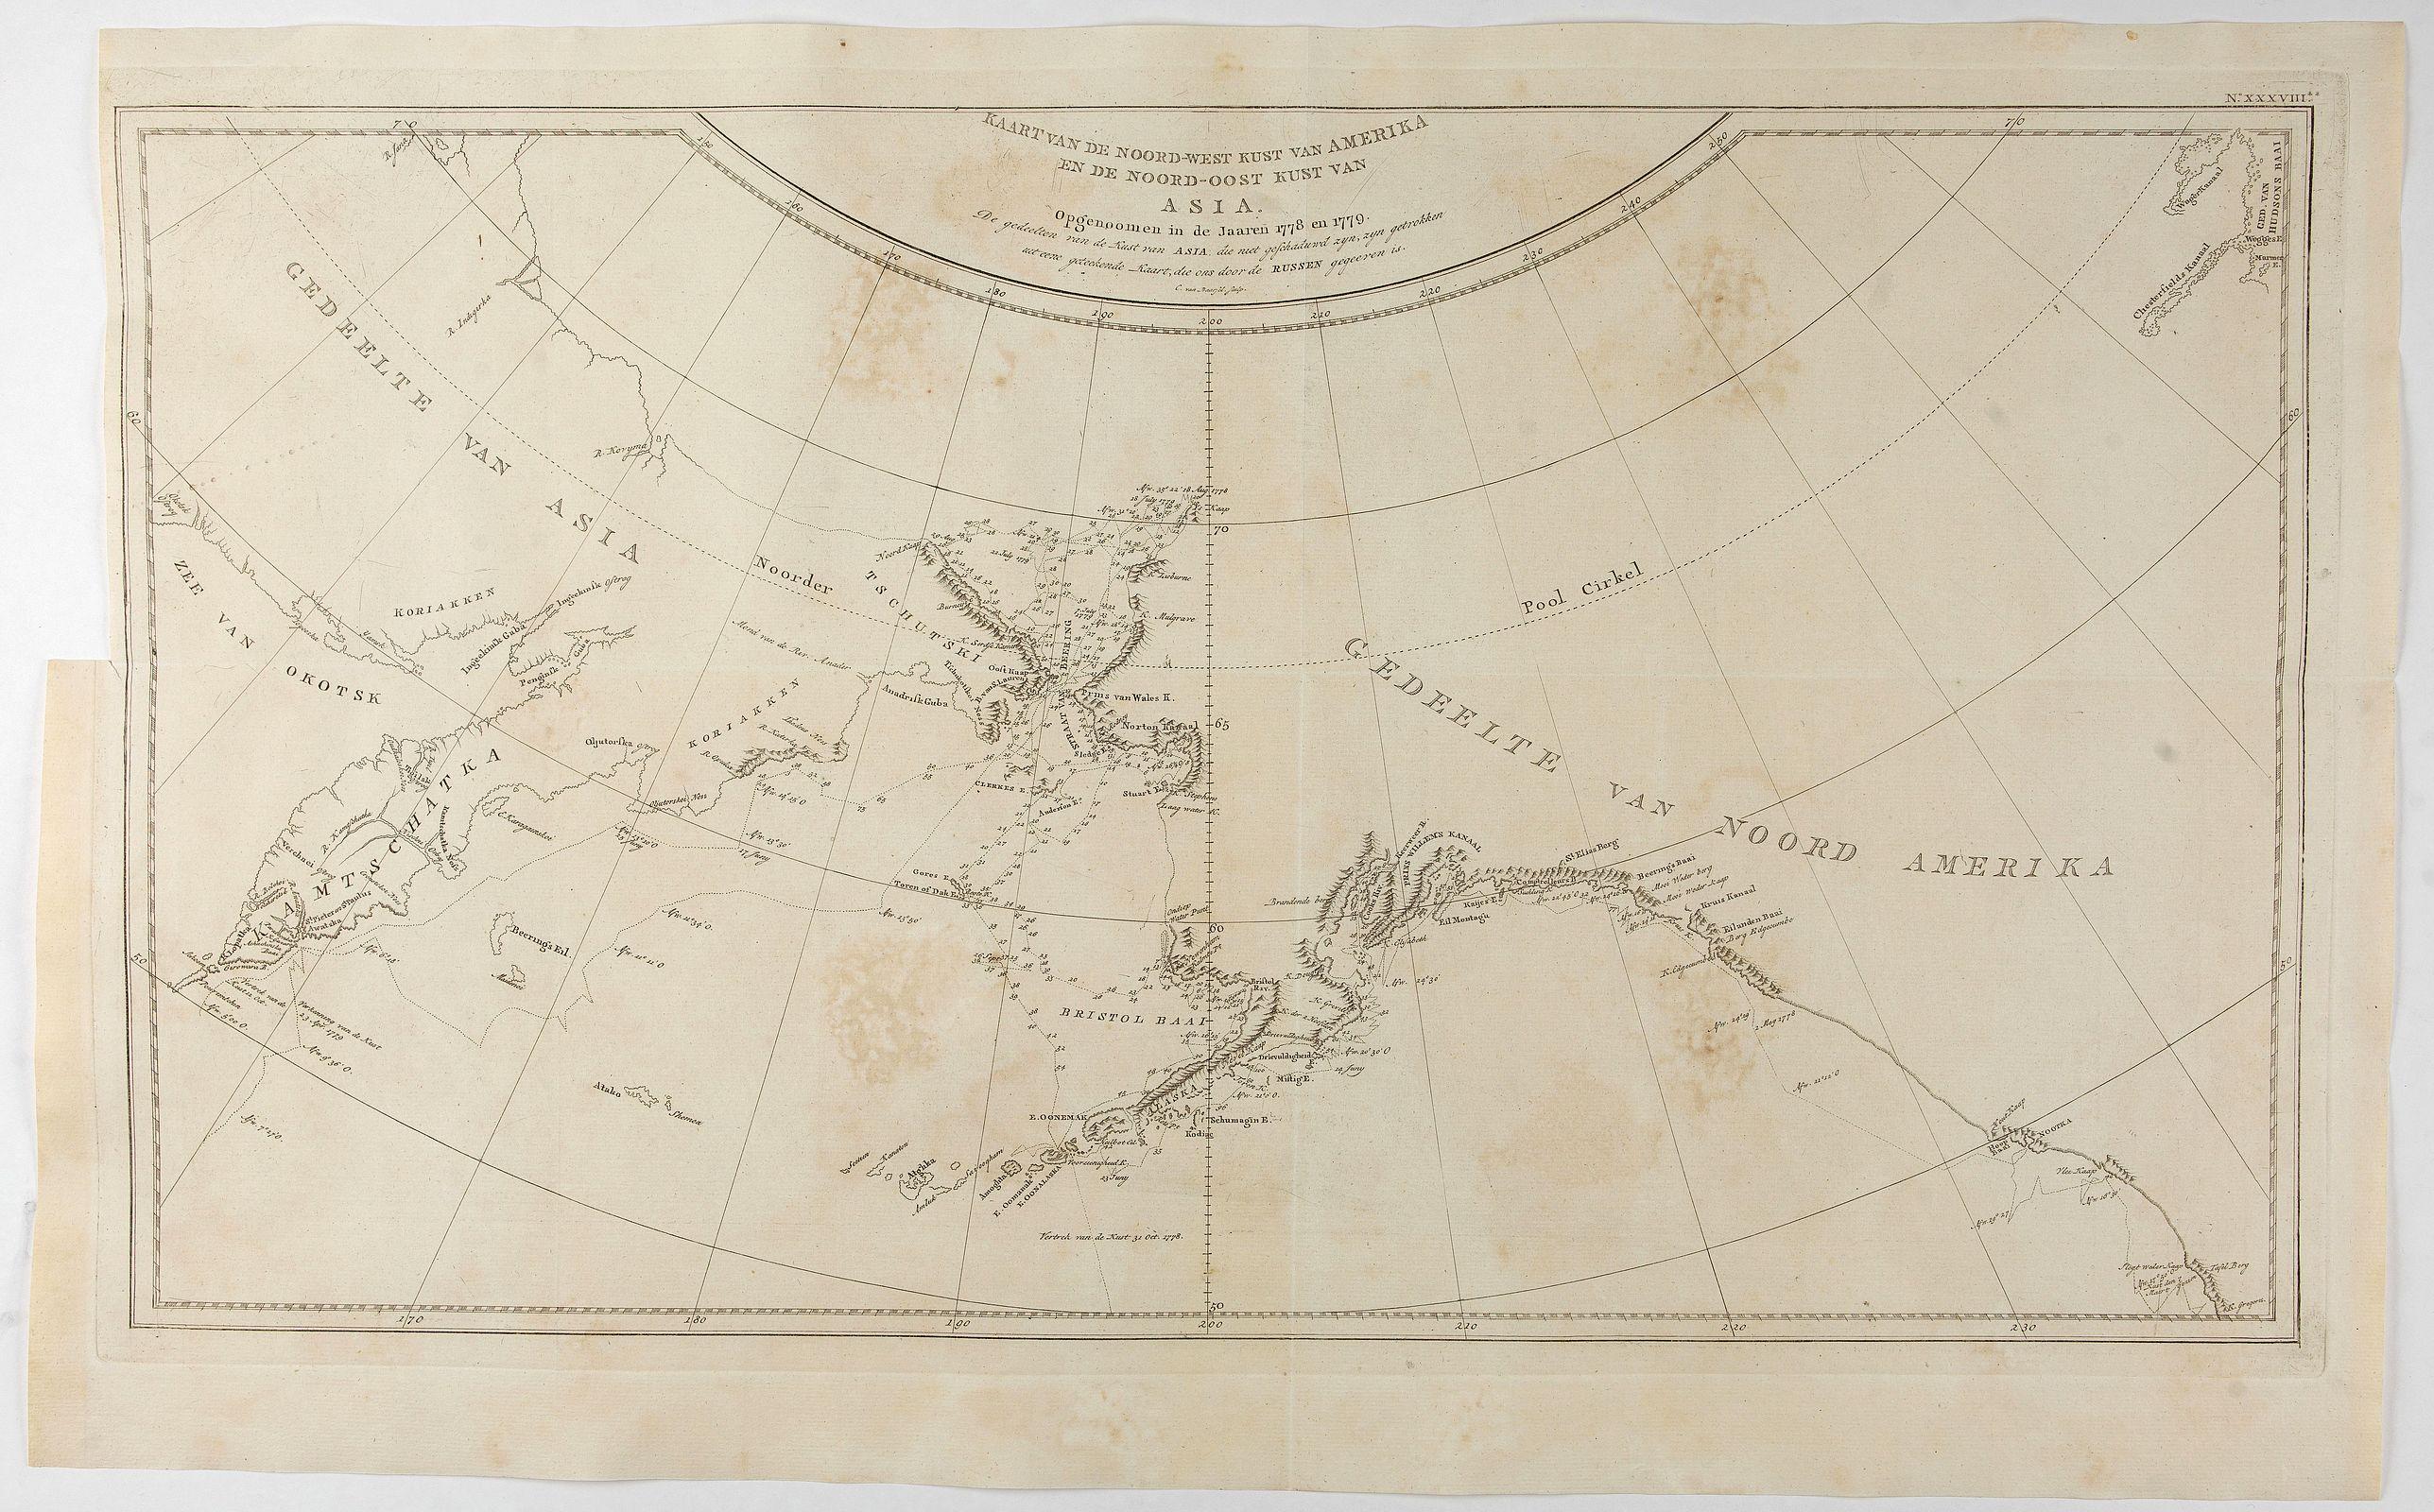 COOK, J. -  Kaart van de Noord-West kust van Amerika en de Noord-Oost kust van Asia. . .